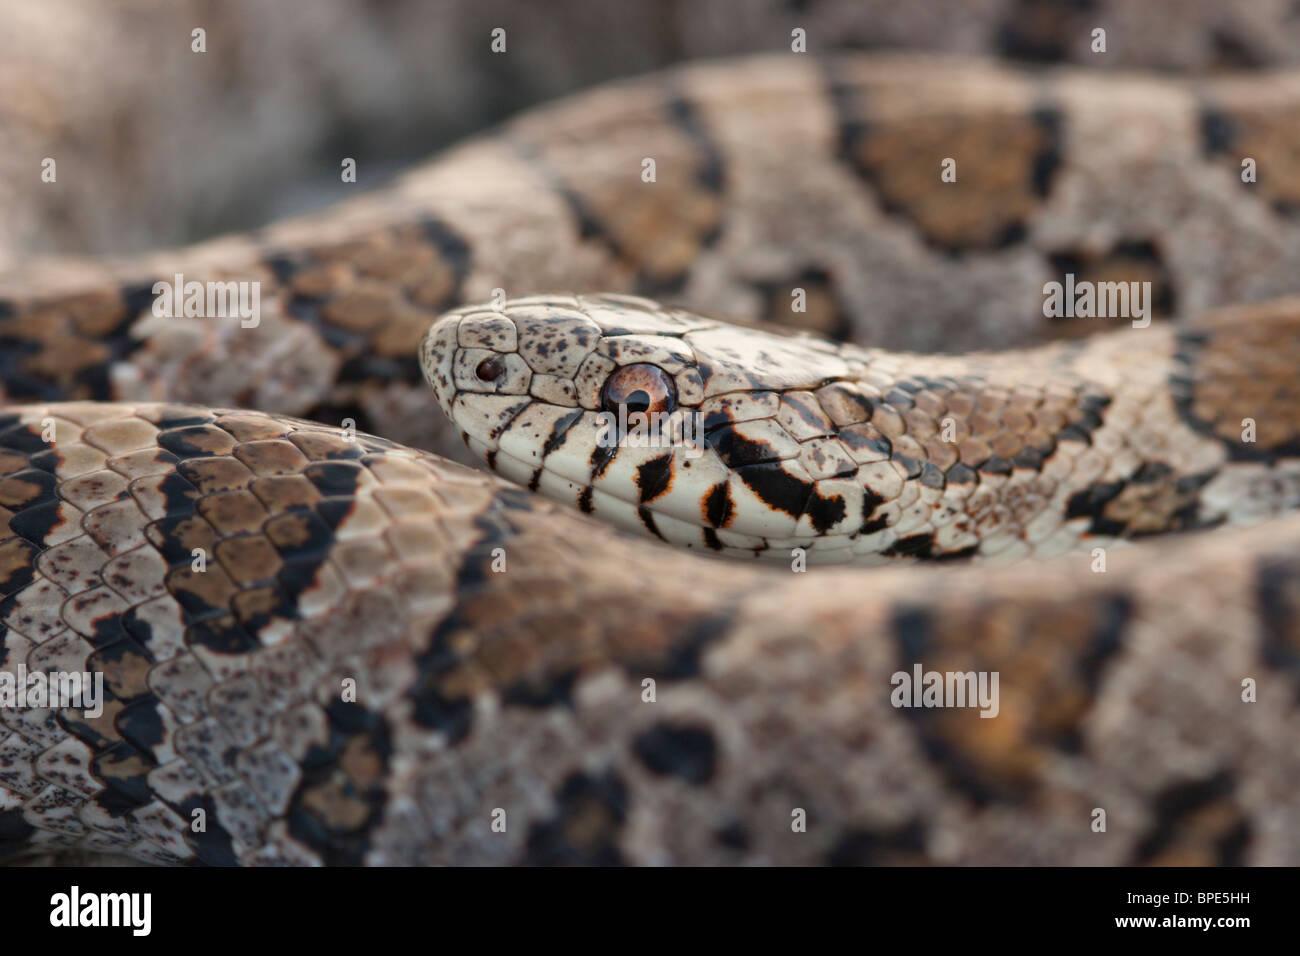 Eastern Milk Snake Stock Photos  Eastern Milk Snake Stock -8429